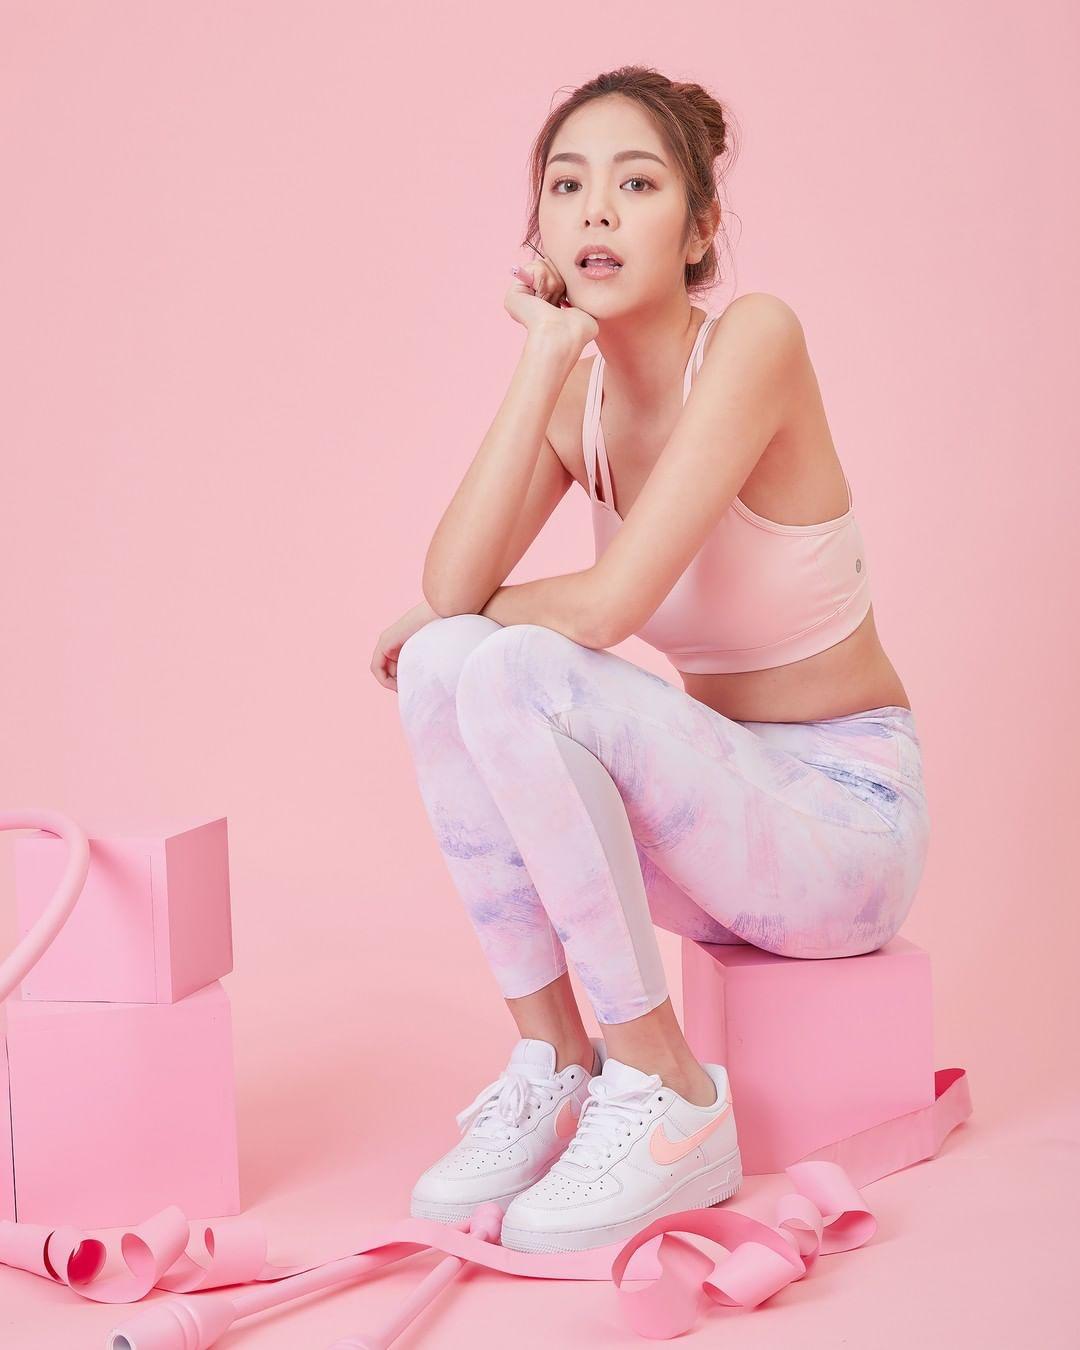 运动甜心请尖叫!Wakingbee推出梦幻棉花糖色运动内衣 每个颜色都让人好想收藏呀